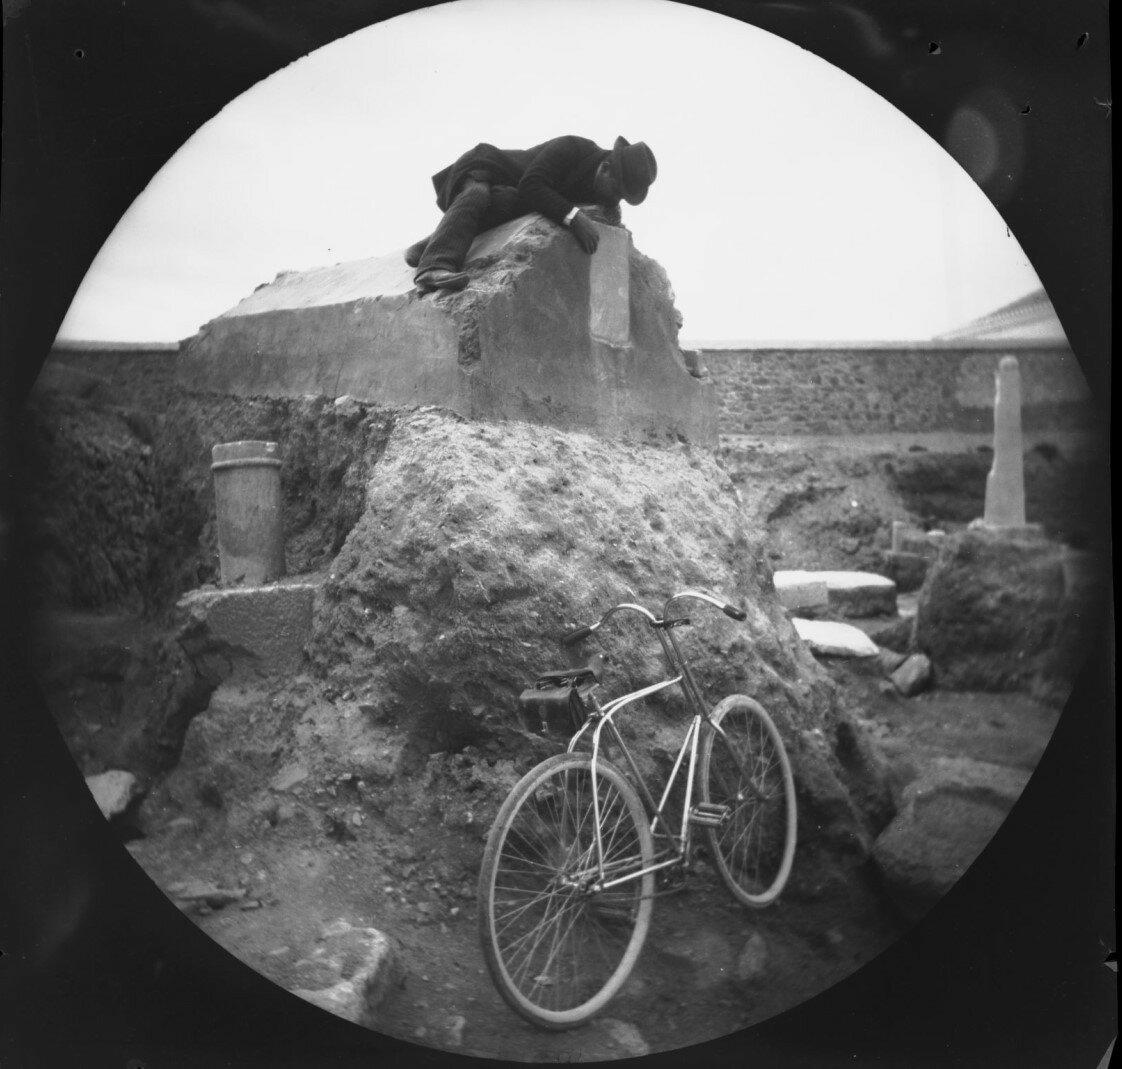 Улица гробниц. Серопе Гурджиян расшифровывает надпись на римском саркофаге